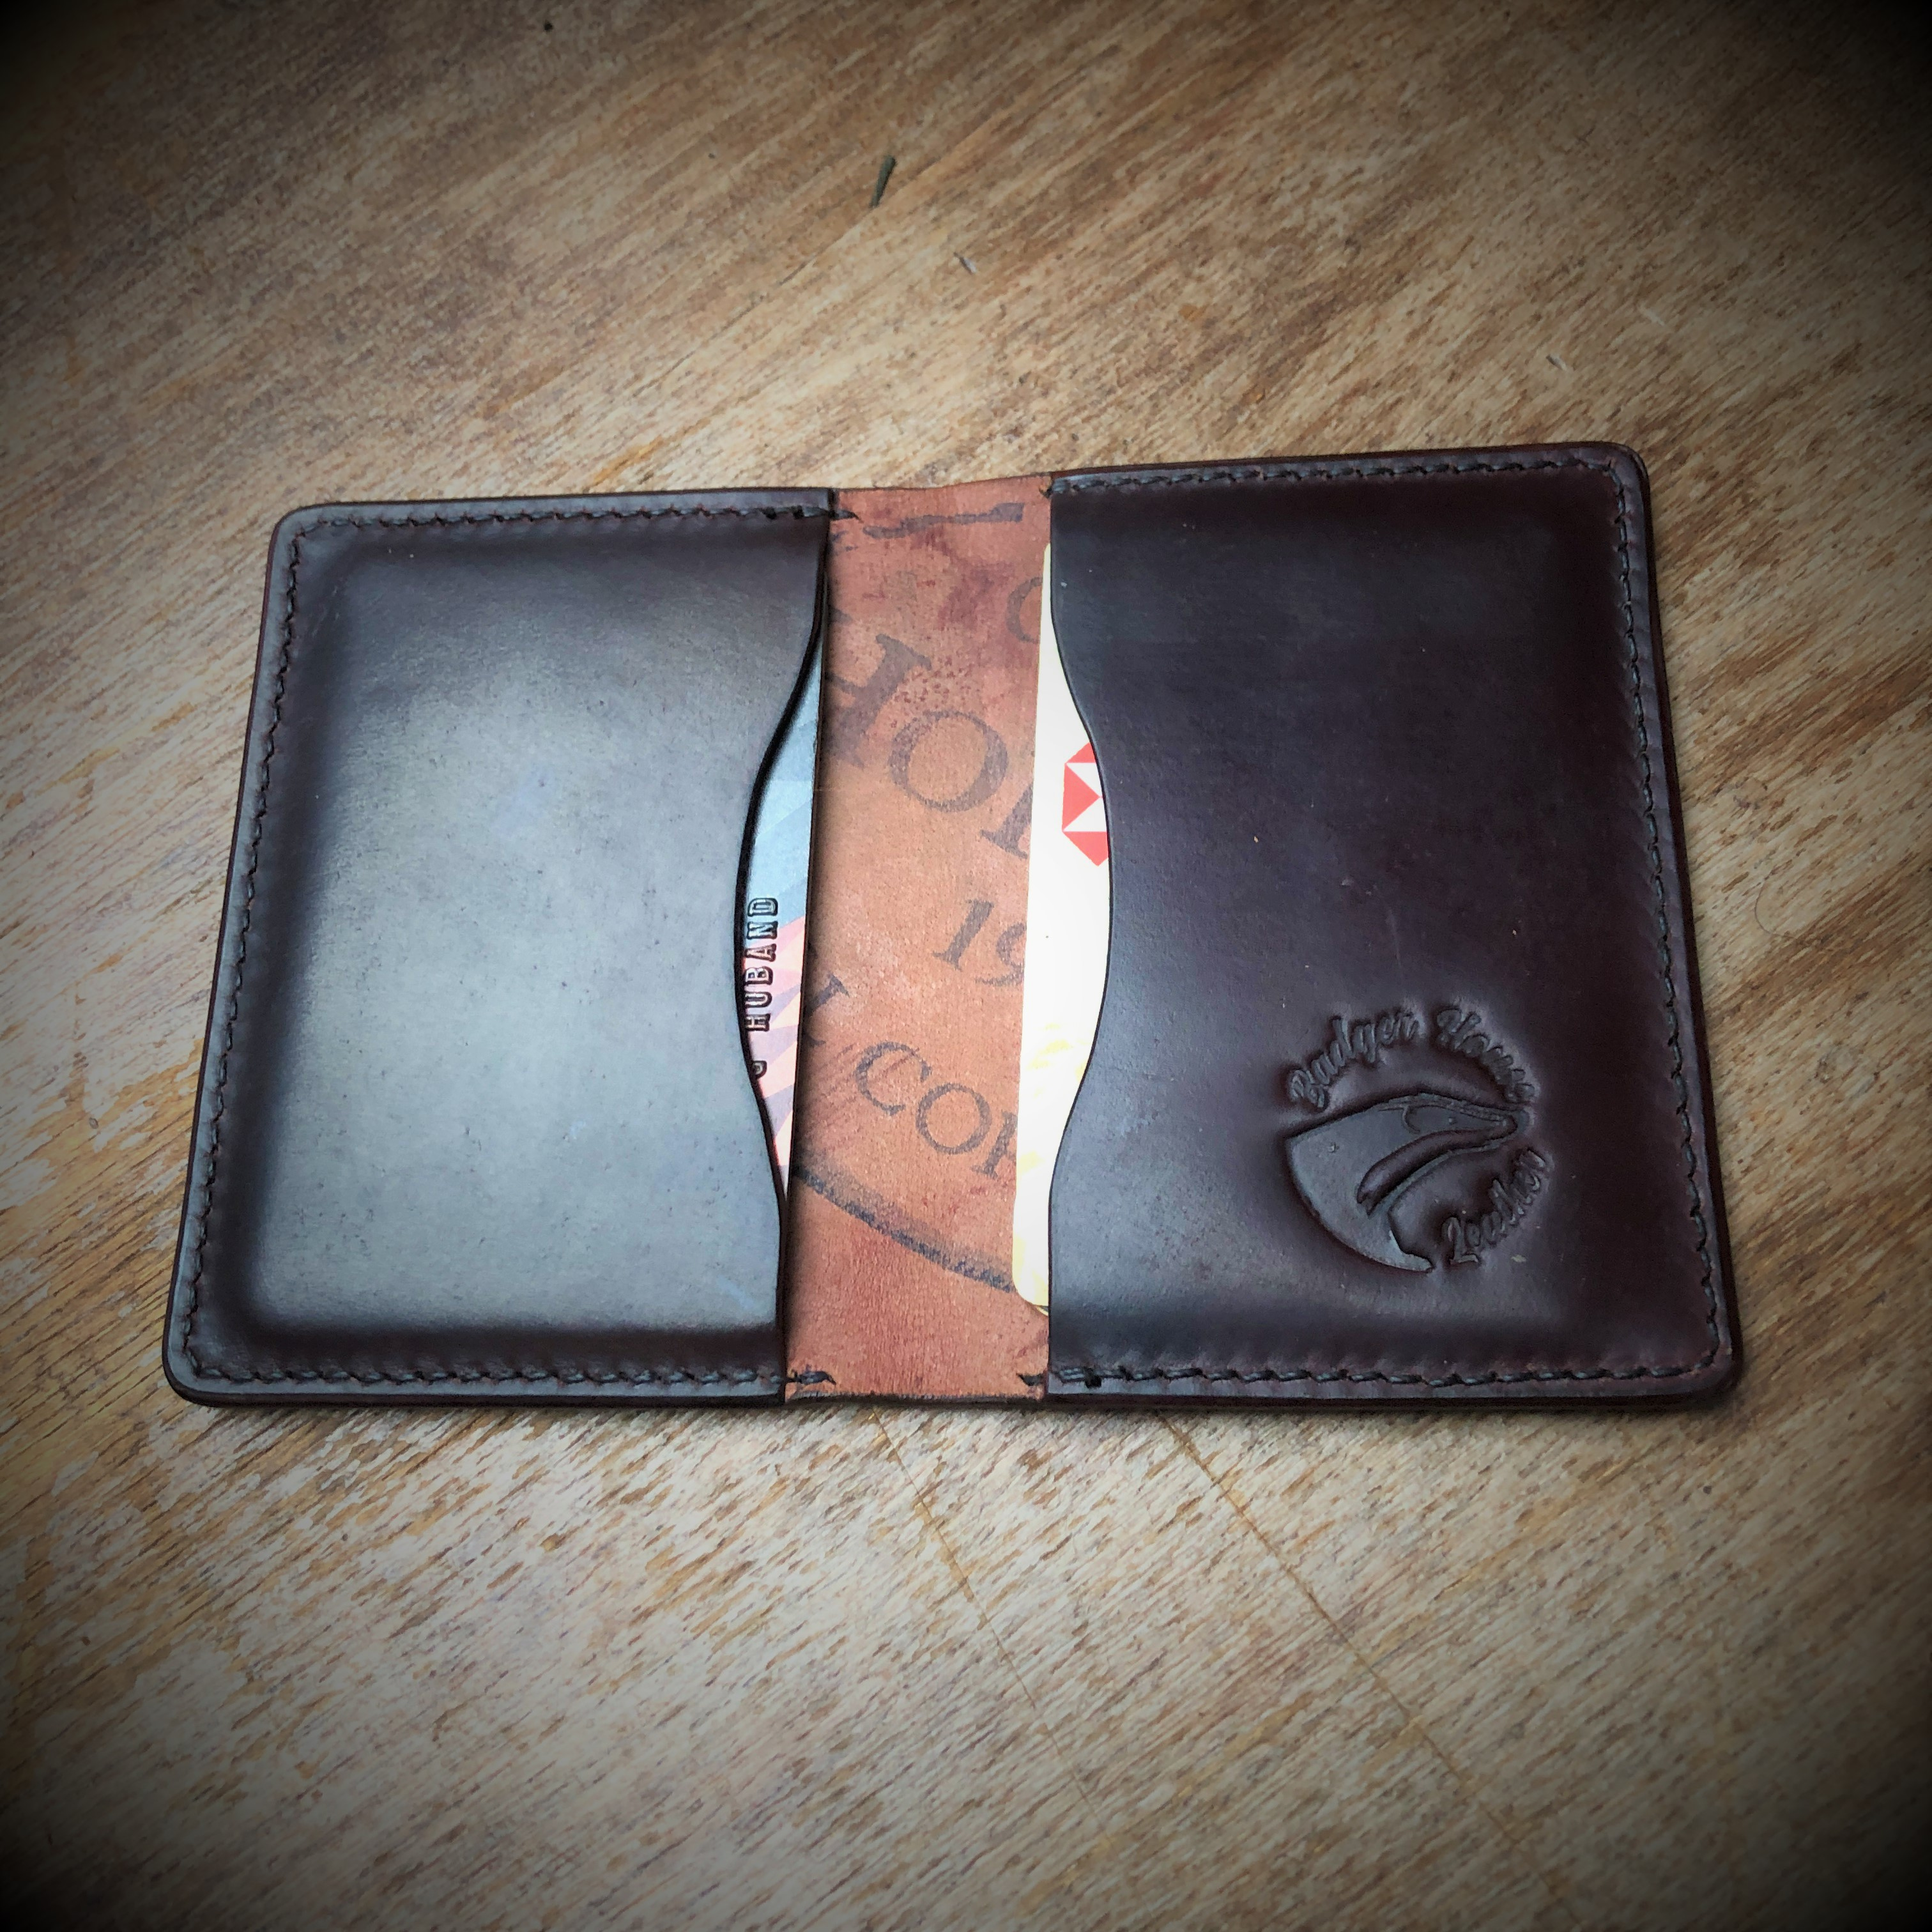 Shell cordovan bi-fold wallet